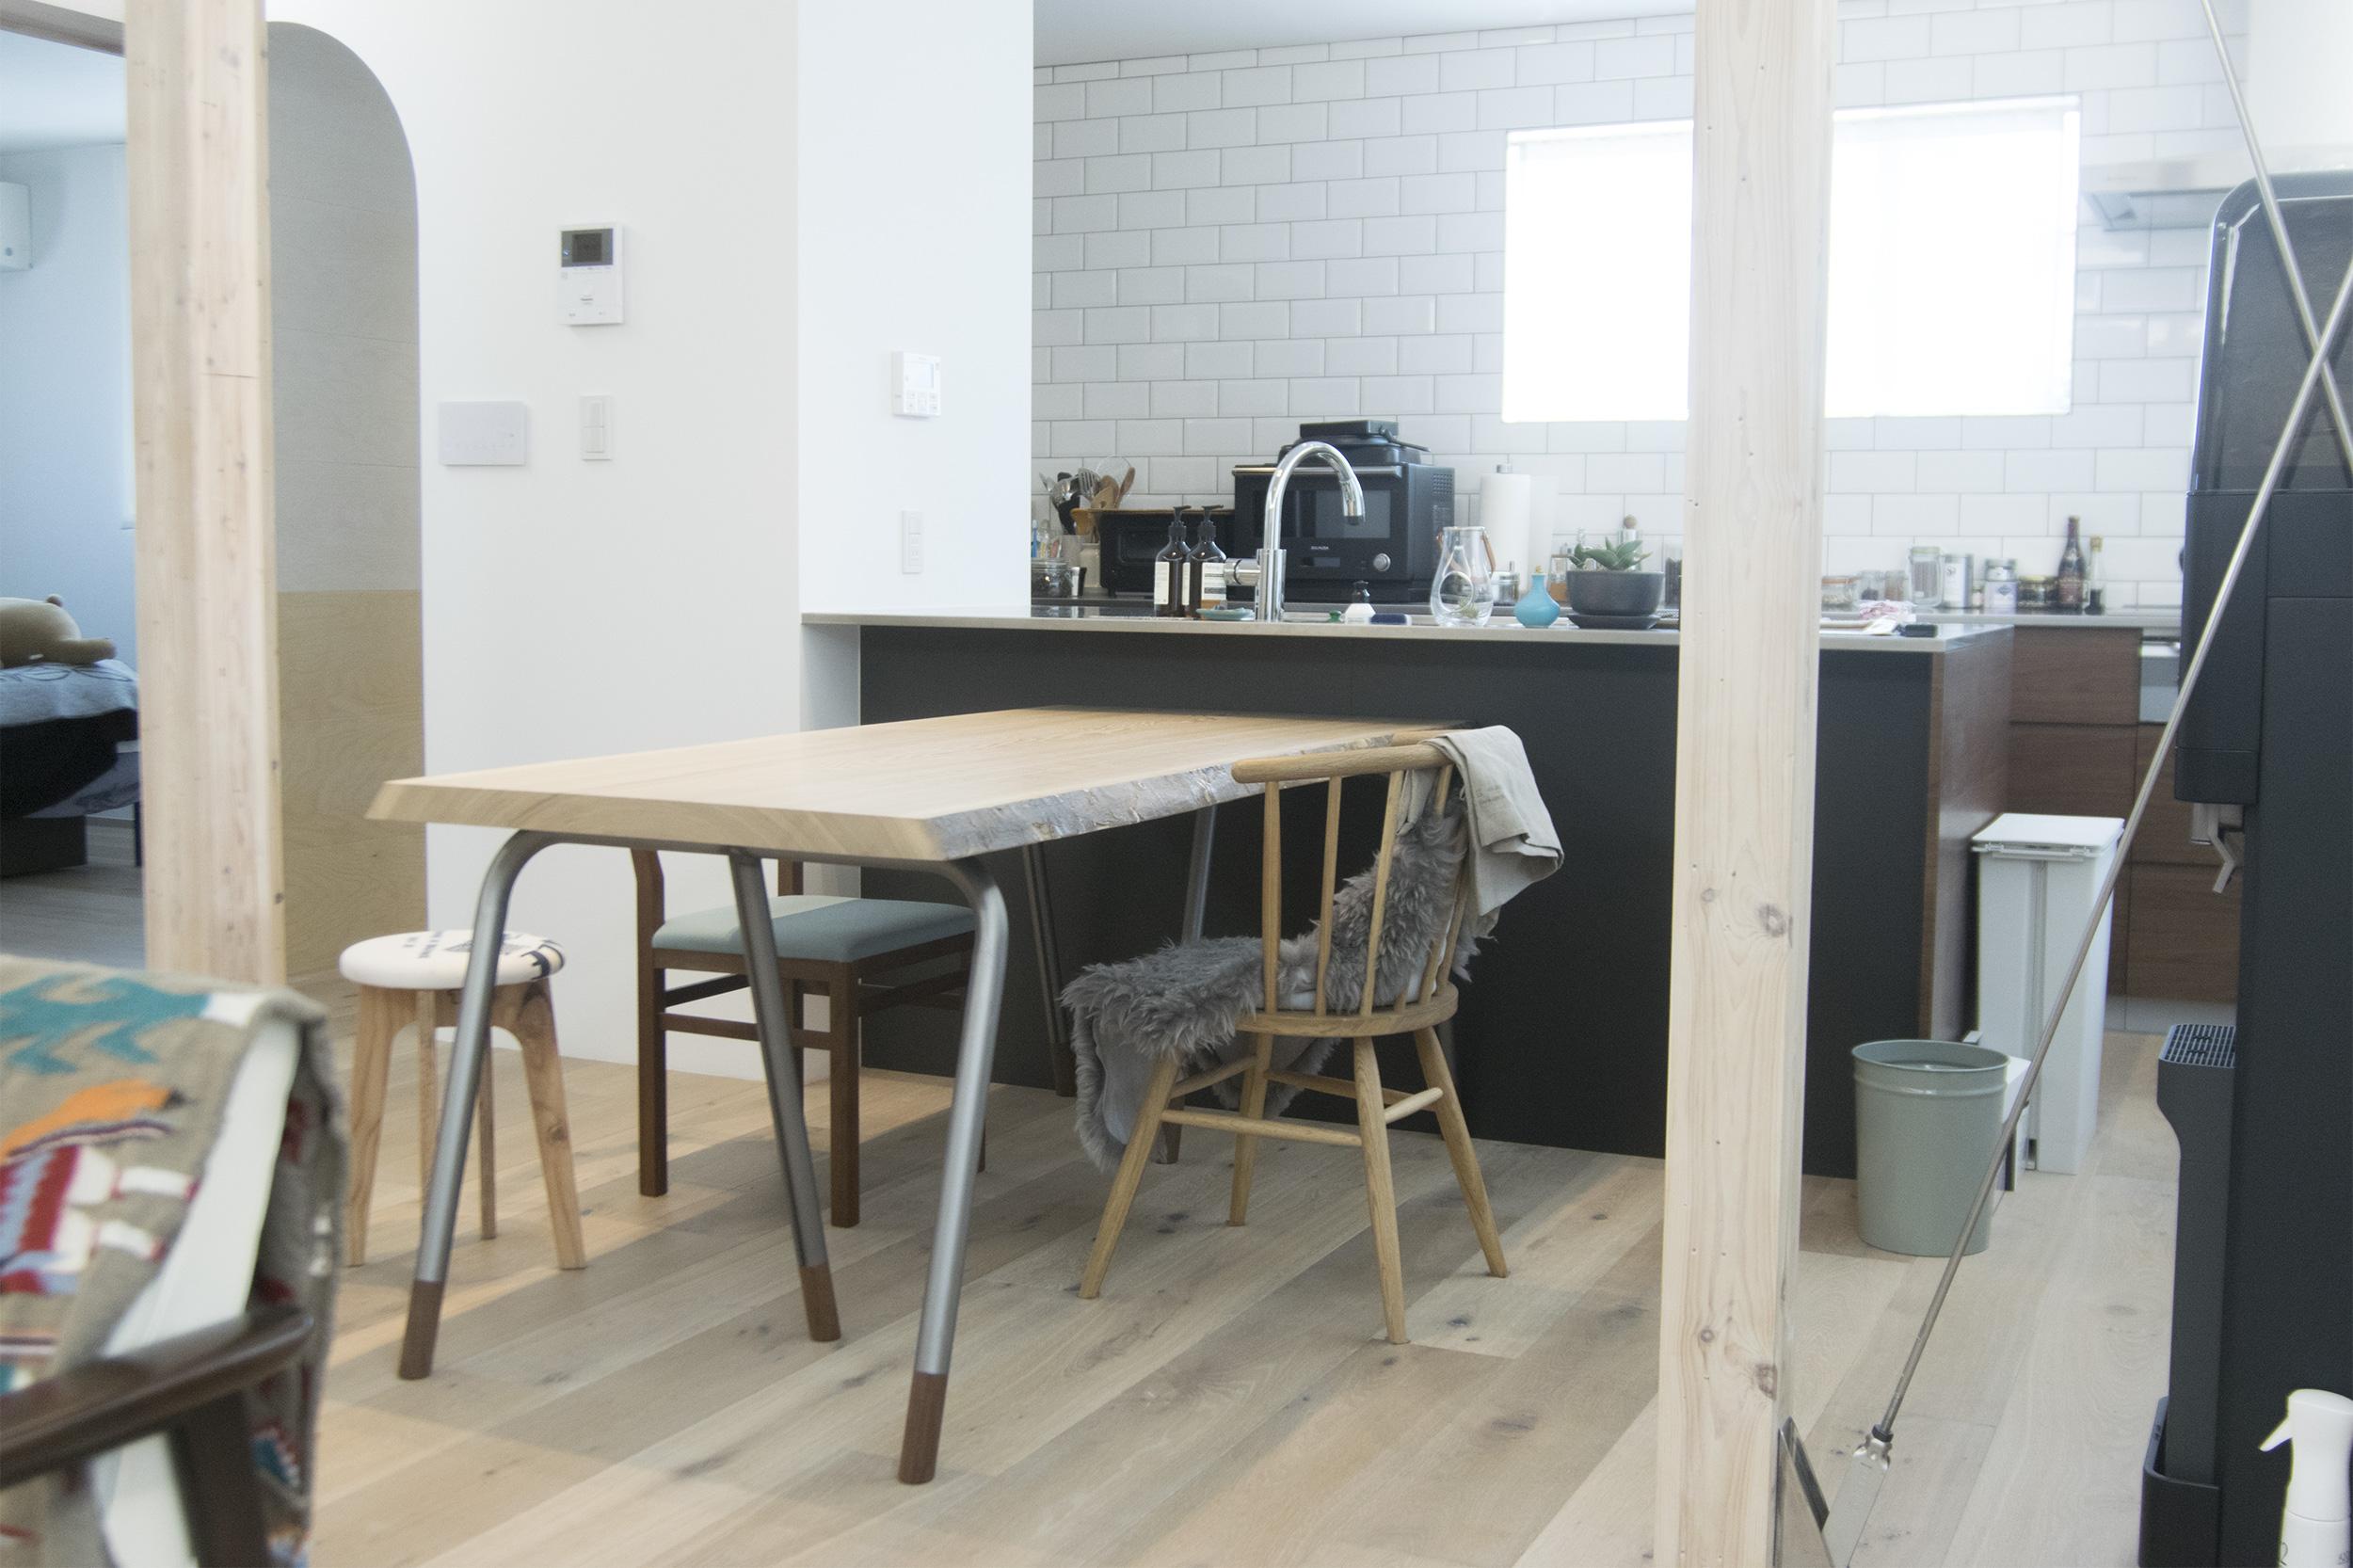 タモ一枚板天板にスチールパイプレッグスを合わせた無垢天板テーブルをご納品させていただいた様子